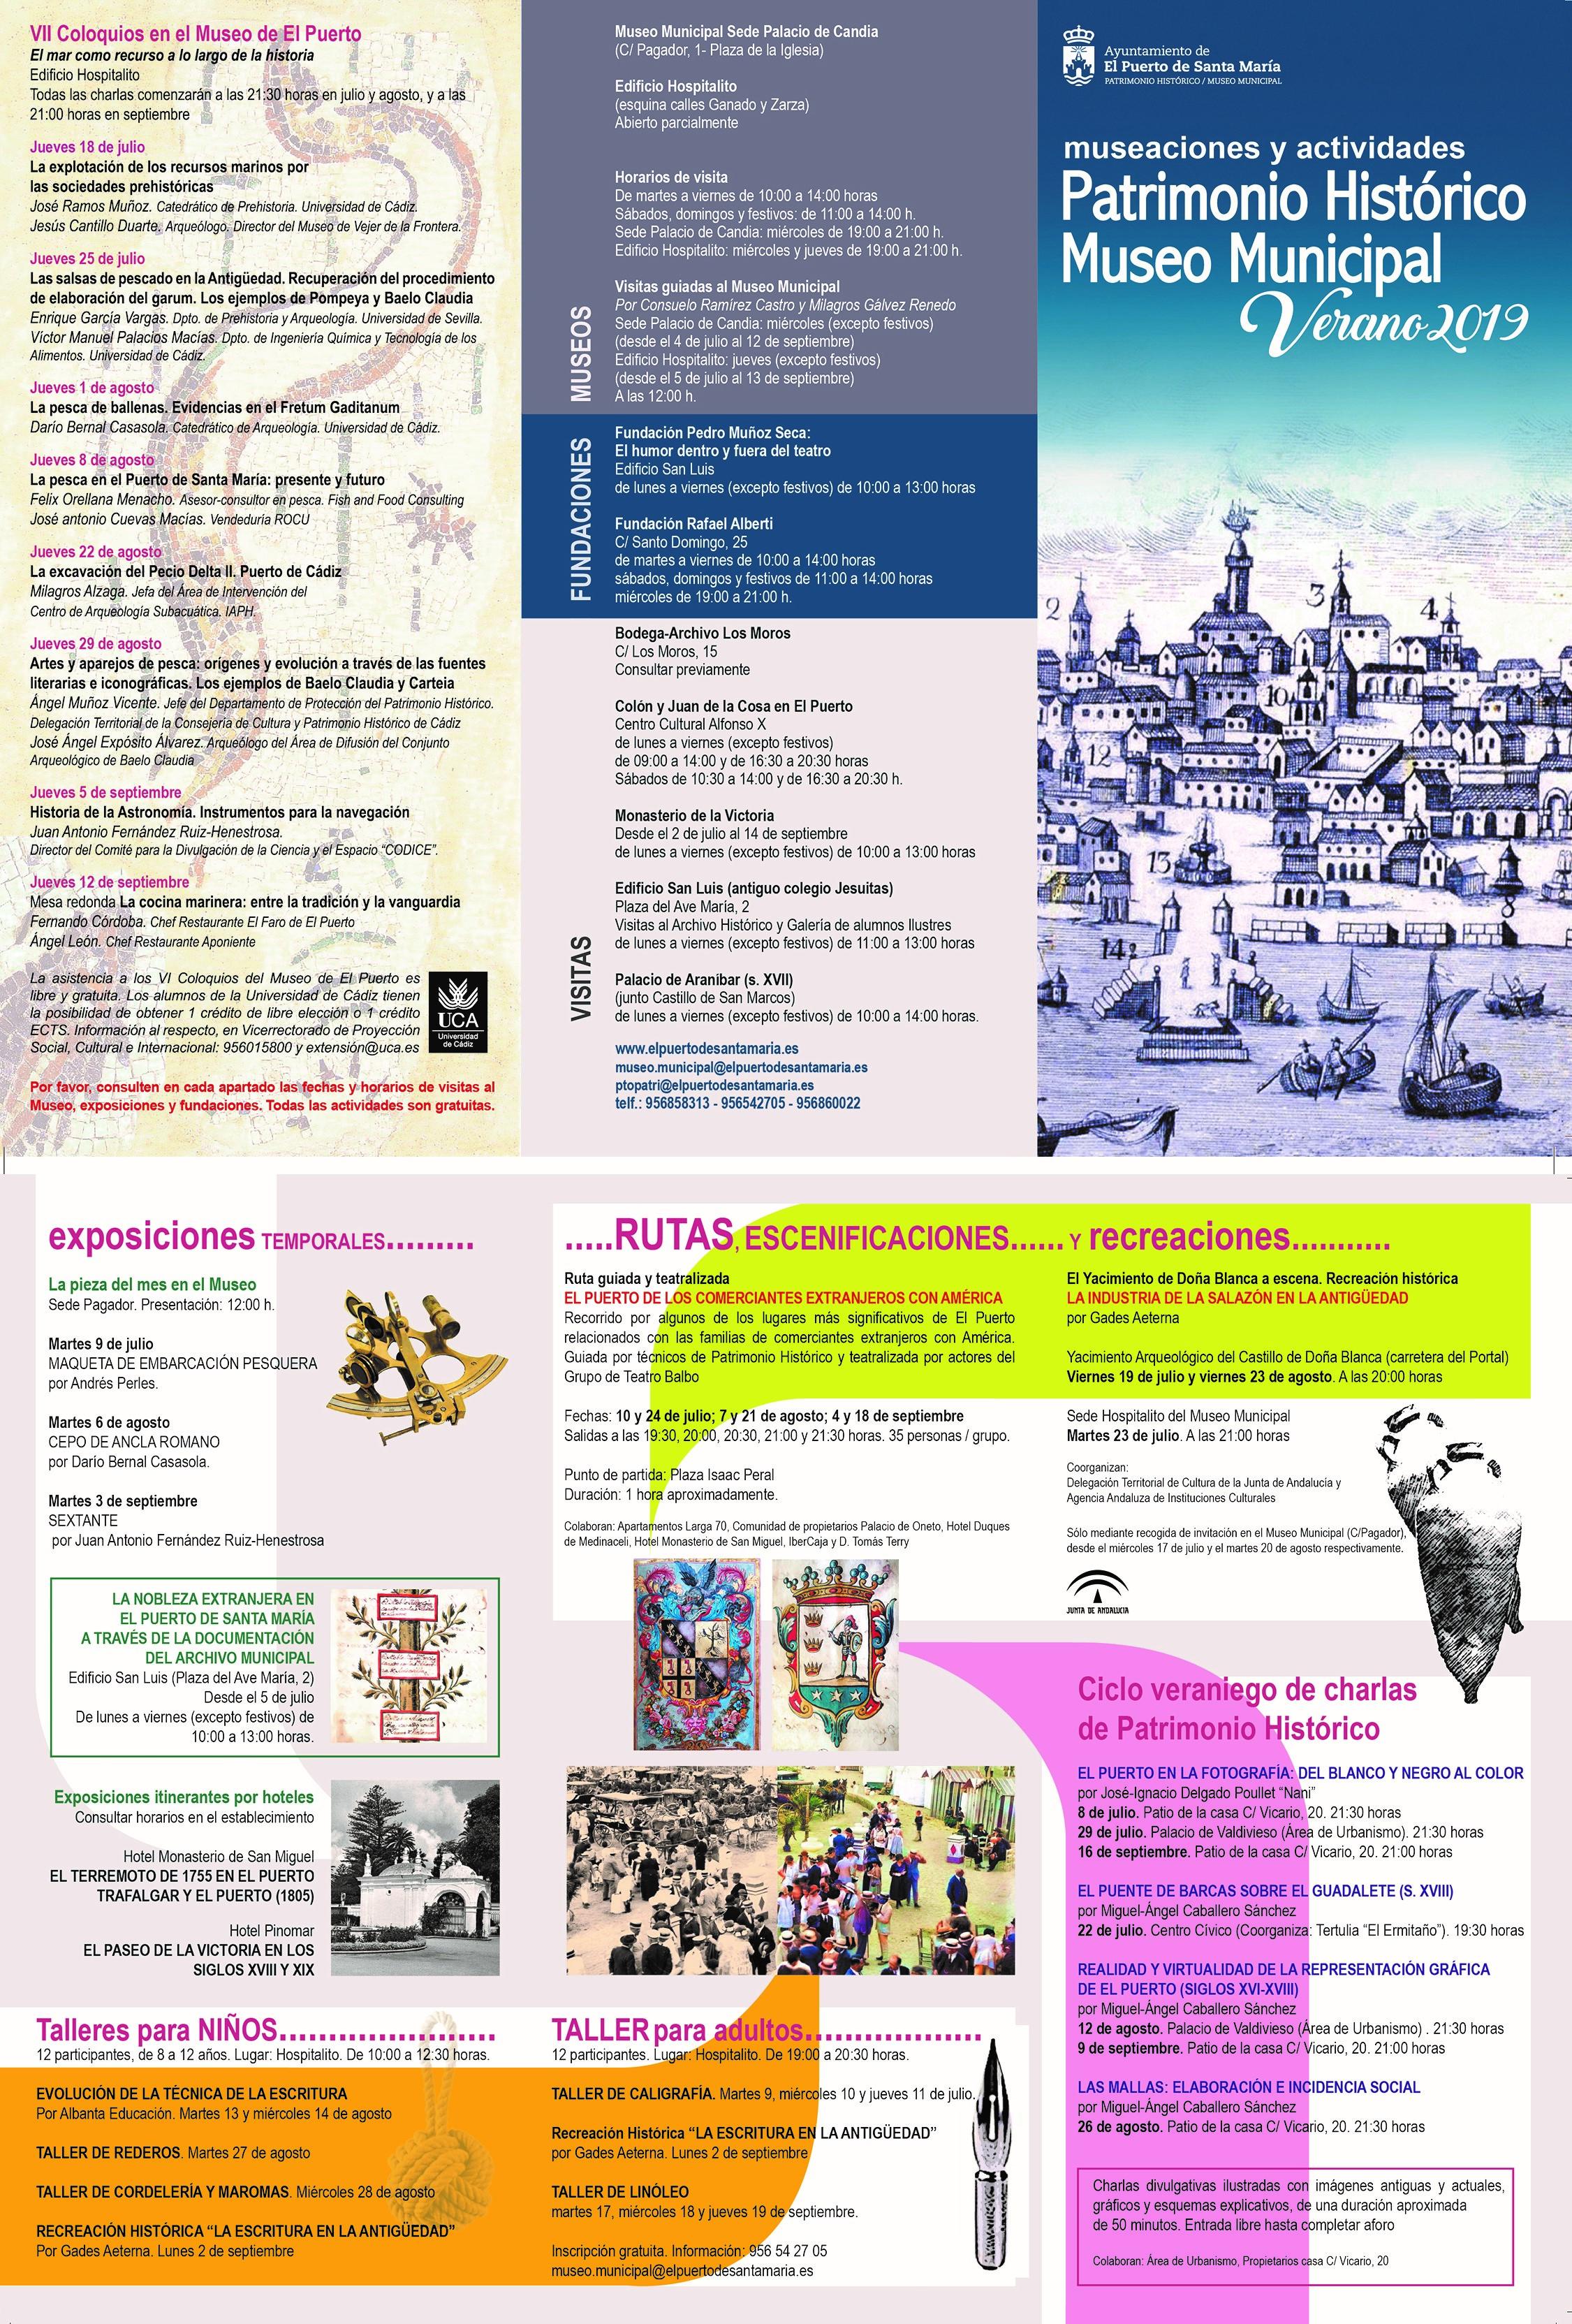 """MUSEACIONES Y ACTIVIDADES """"PATRIMONIO HISTÓRICO MUSEO MUNICIPAL"""" VERANO 2019 (Puerto Santa María) TALLERES PARA NIÑOS, Talleres para Adultos, RUTAS GUIADAS Y TEATRALIZADAS, Exposiciones Temporales, RECREACIONES HISTÓRICAS, Ciclo Veraniego de Charlas de Patrimonio Histórico y VI Coloquios del Museo del Puerto."""